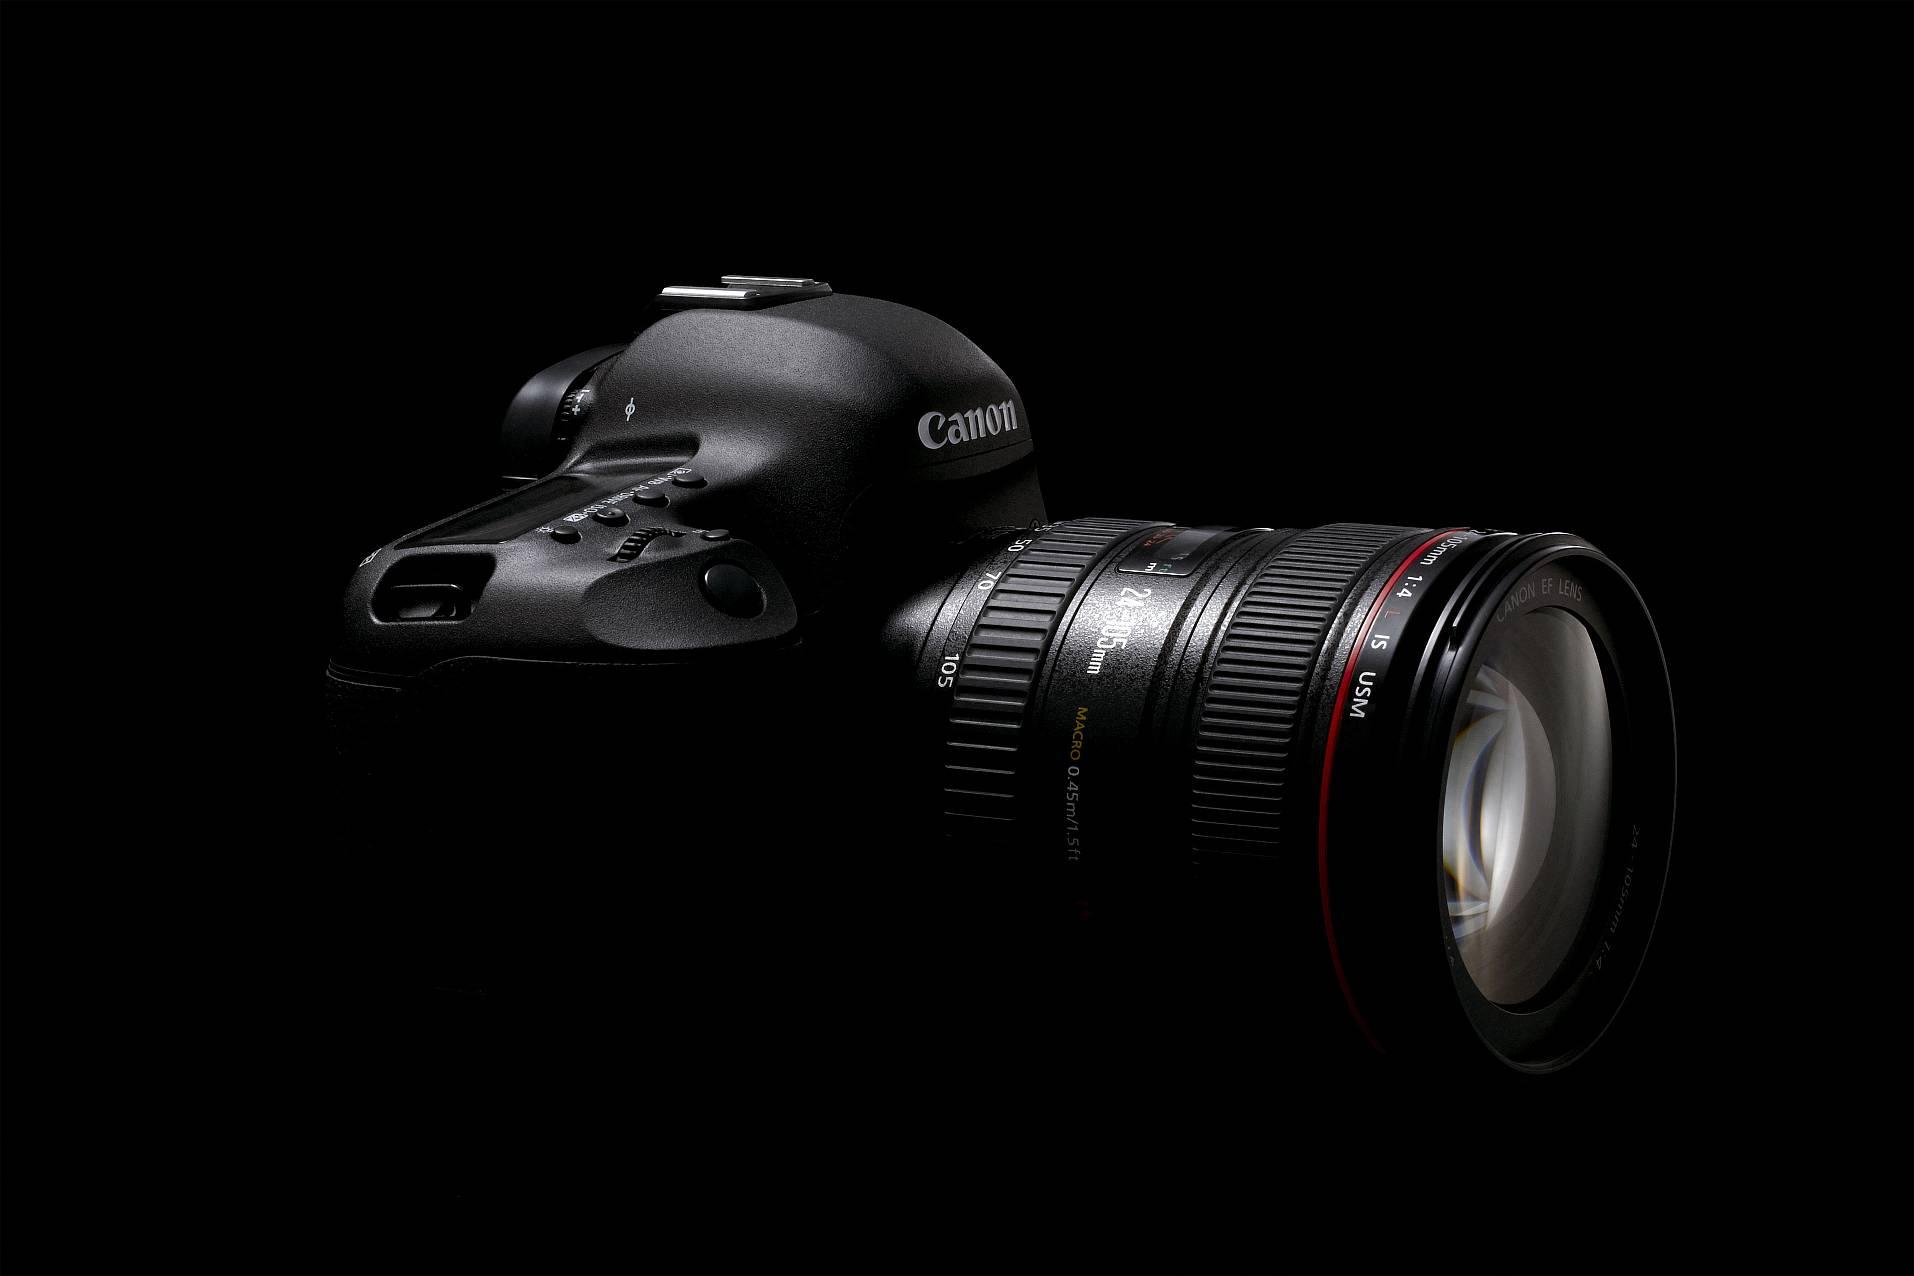 Canon EOS 5D Mark III: S-a anuntat un nou full-frame pentru cunoscatori